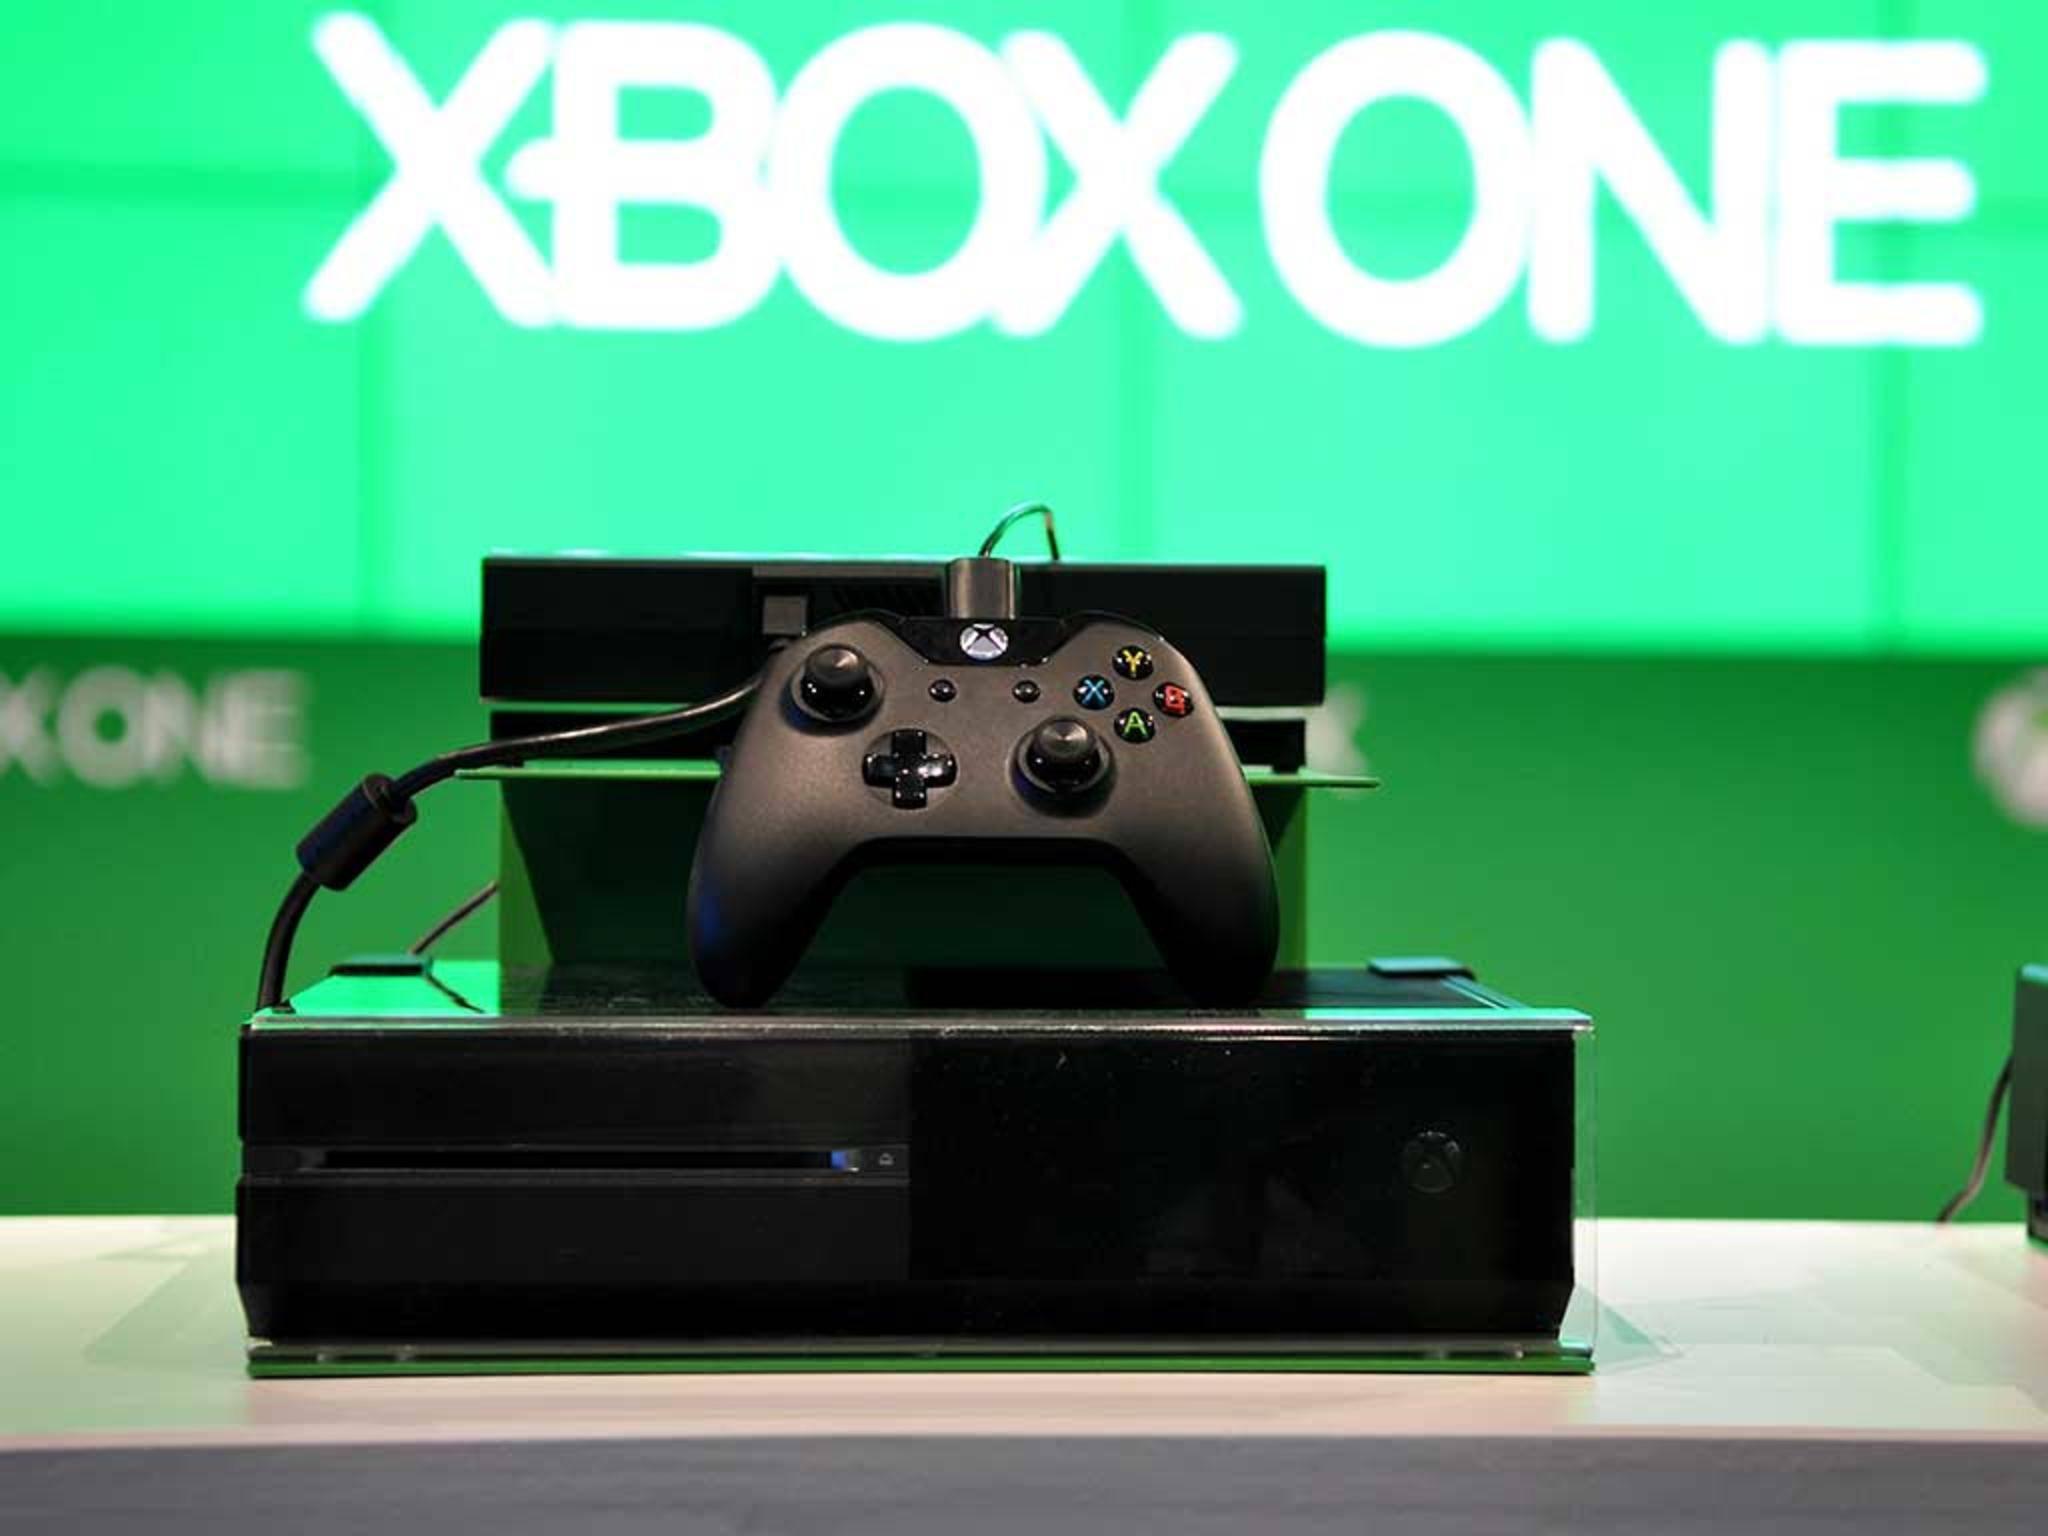 Weitere Xbox 360-Games lassen sich jetzt auf der Xbox One spielen.